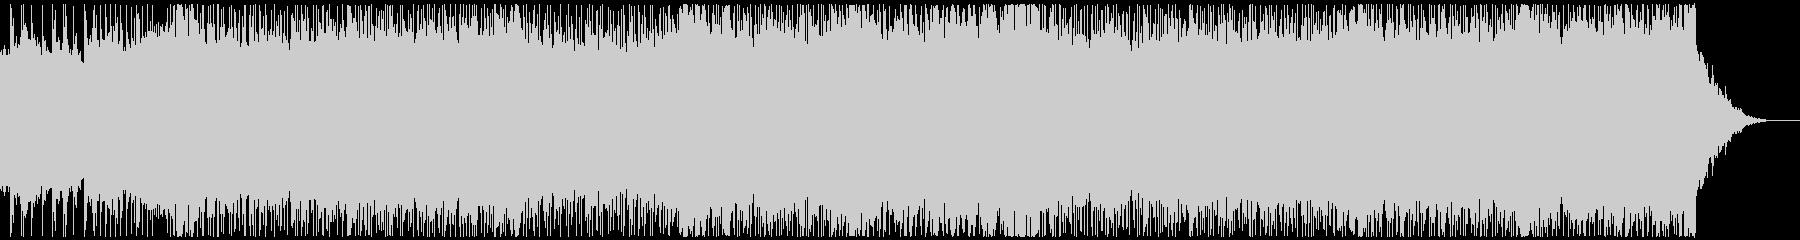 メタルテクノポップ、コミカル、デスボイスの未再生の波形